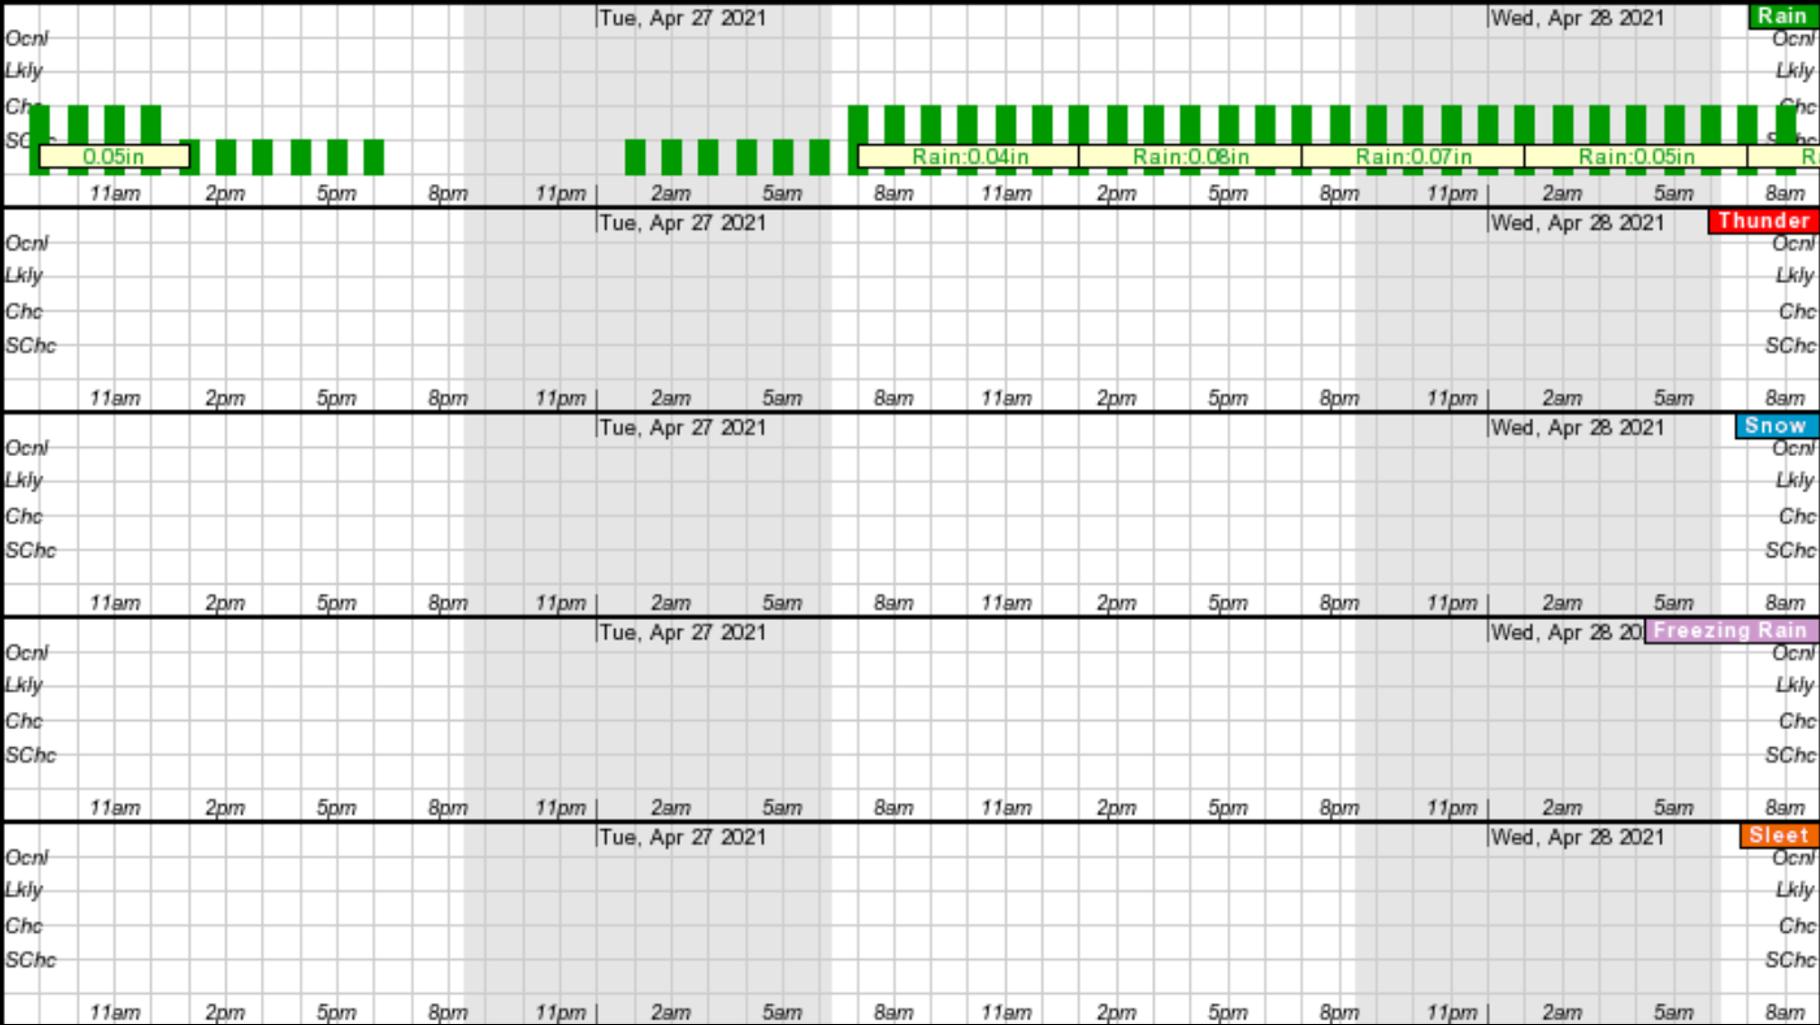 NOAA hourly weather chart